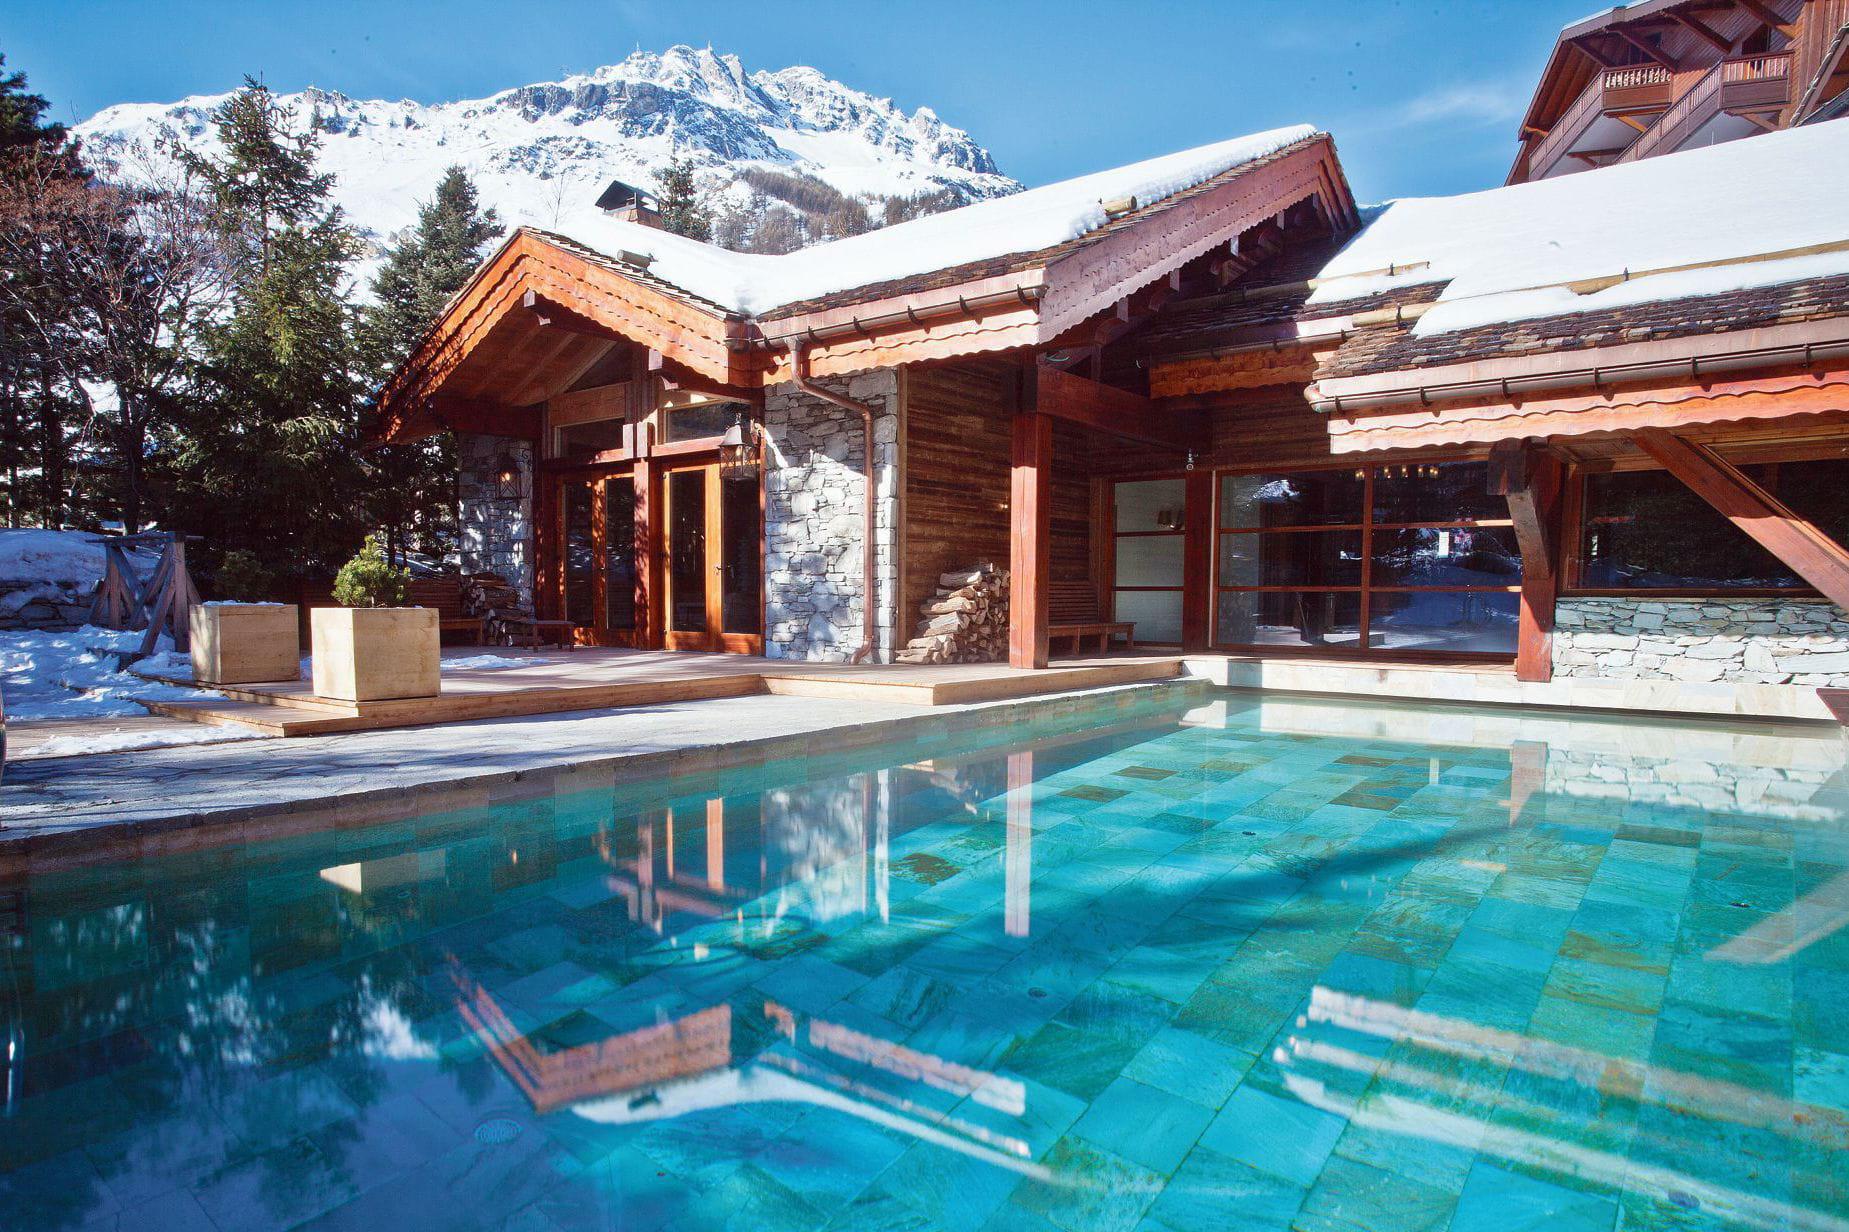 station de ski de luxe val d 39 is re tignes et leurs h tels 5 toiles journal des femmes. Black Bedroom Furniture Sets. Home Design Ideas